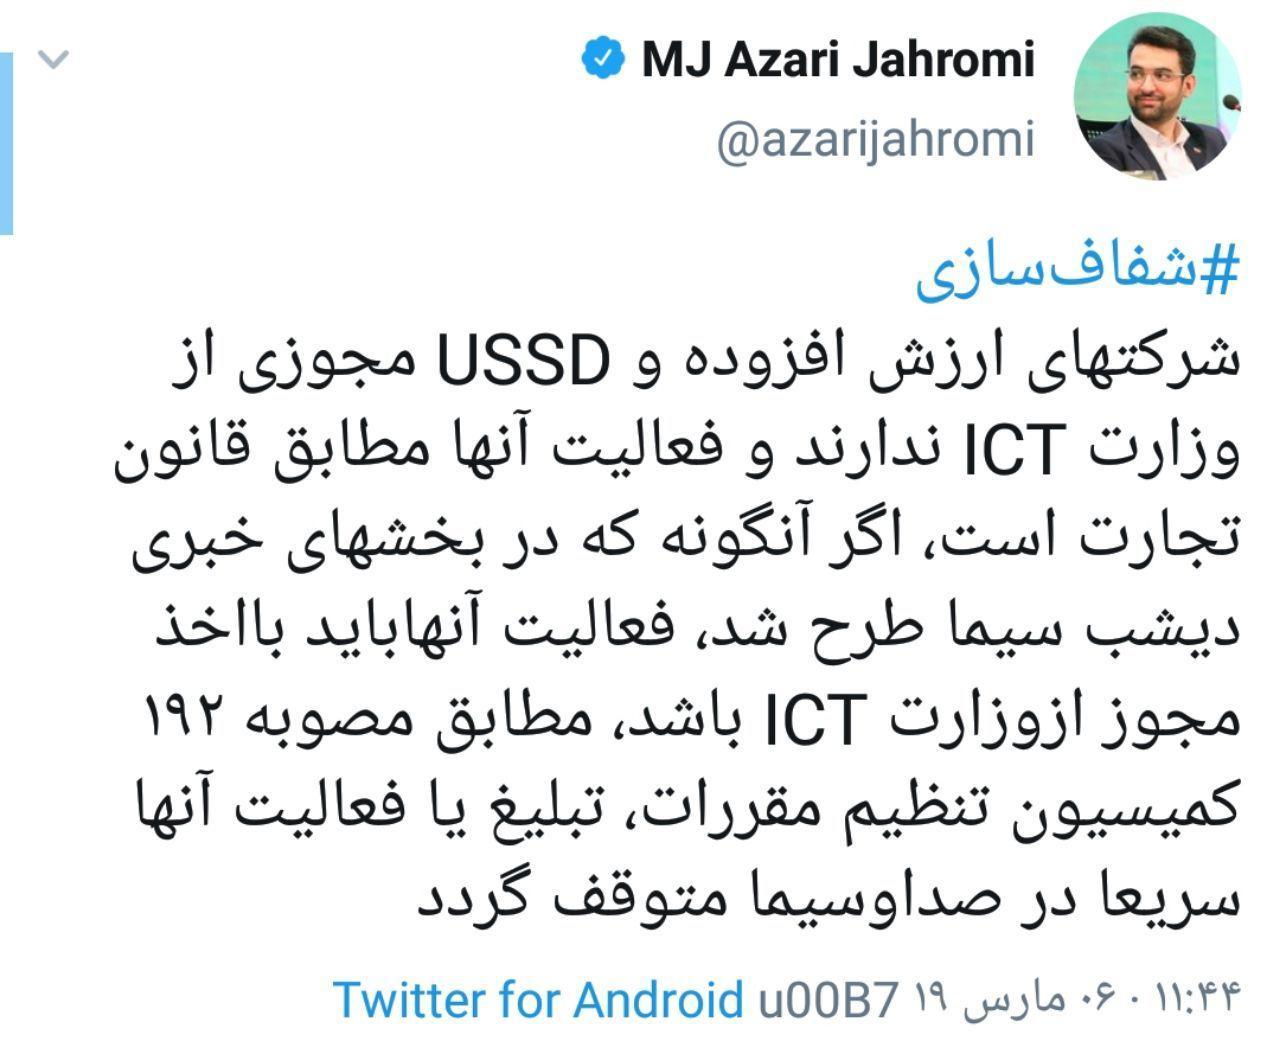 وزیر ارتباطات در پاسخ به ادعای صداوسیما: شرکتهای ارزش افزوده از ما مجوز ندارند؛ تبلیغ و فعالیتشان را در صداوسیما متوقف کنید